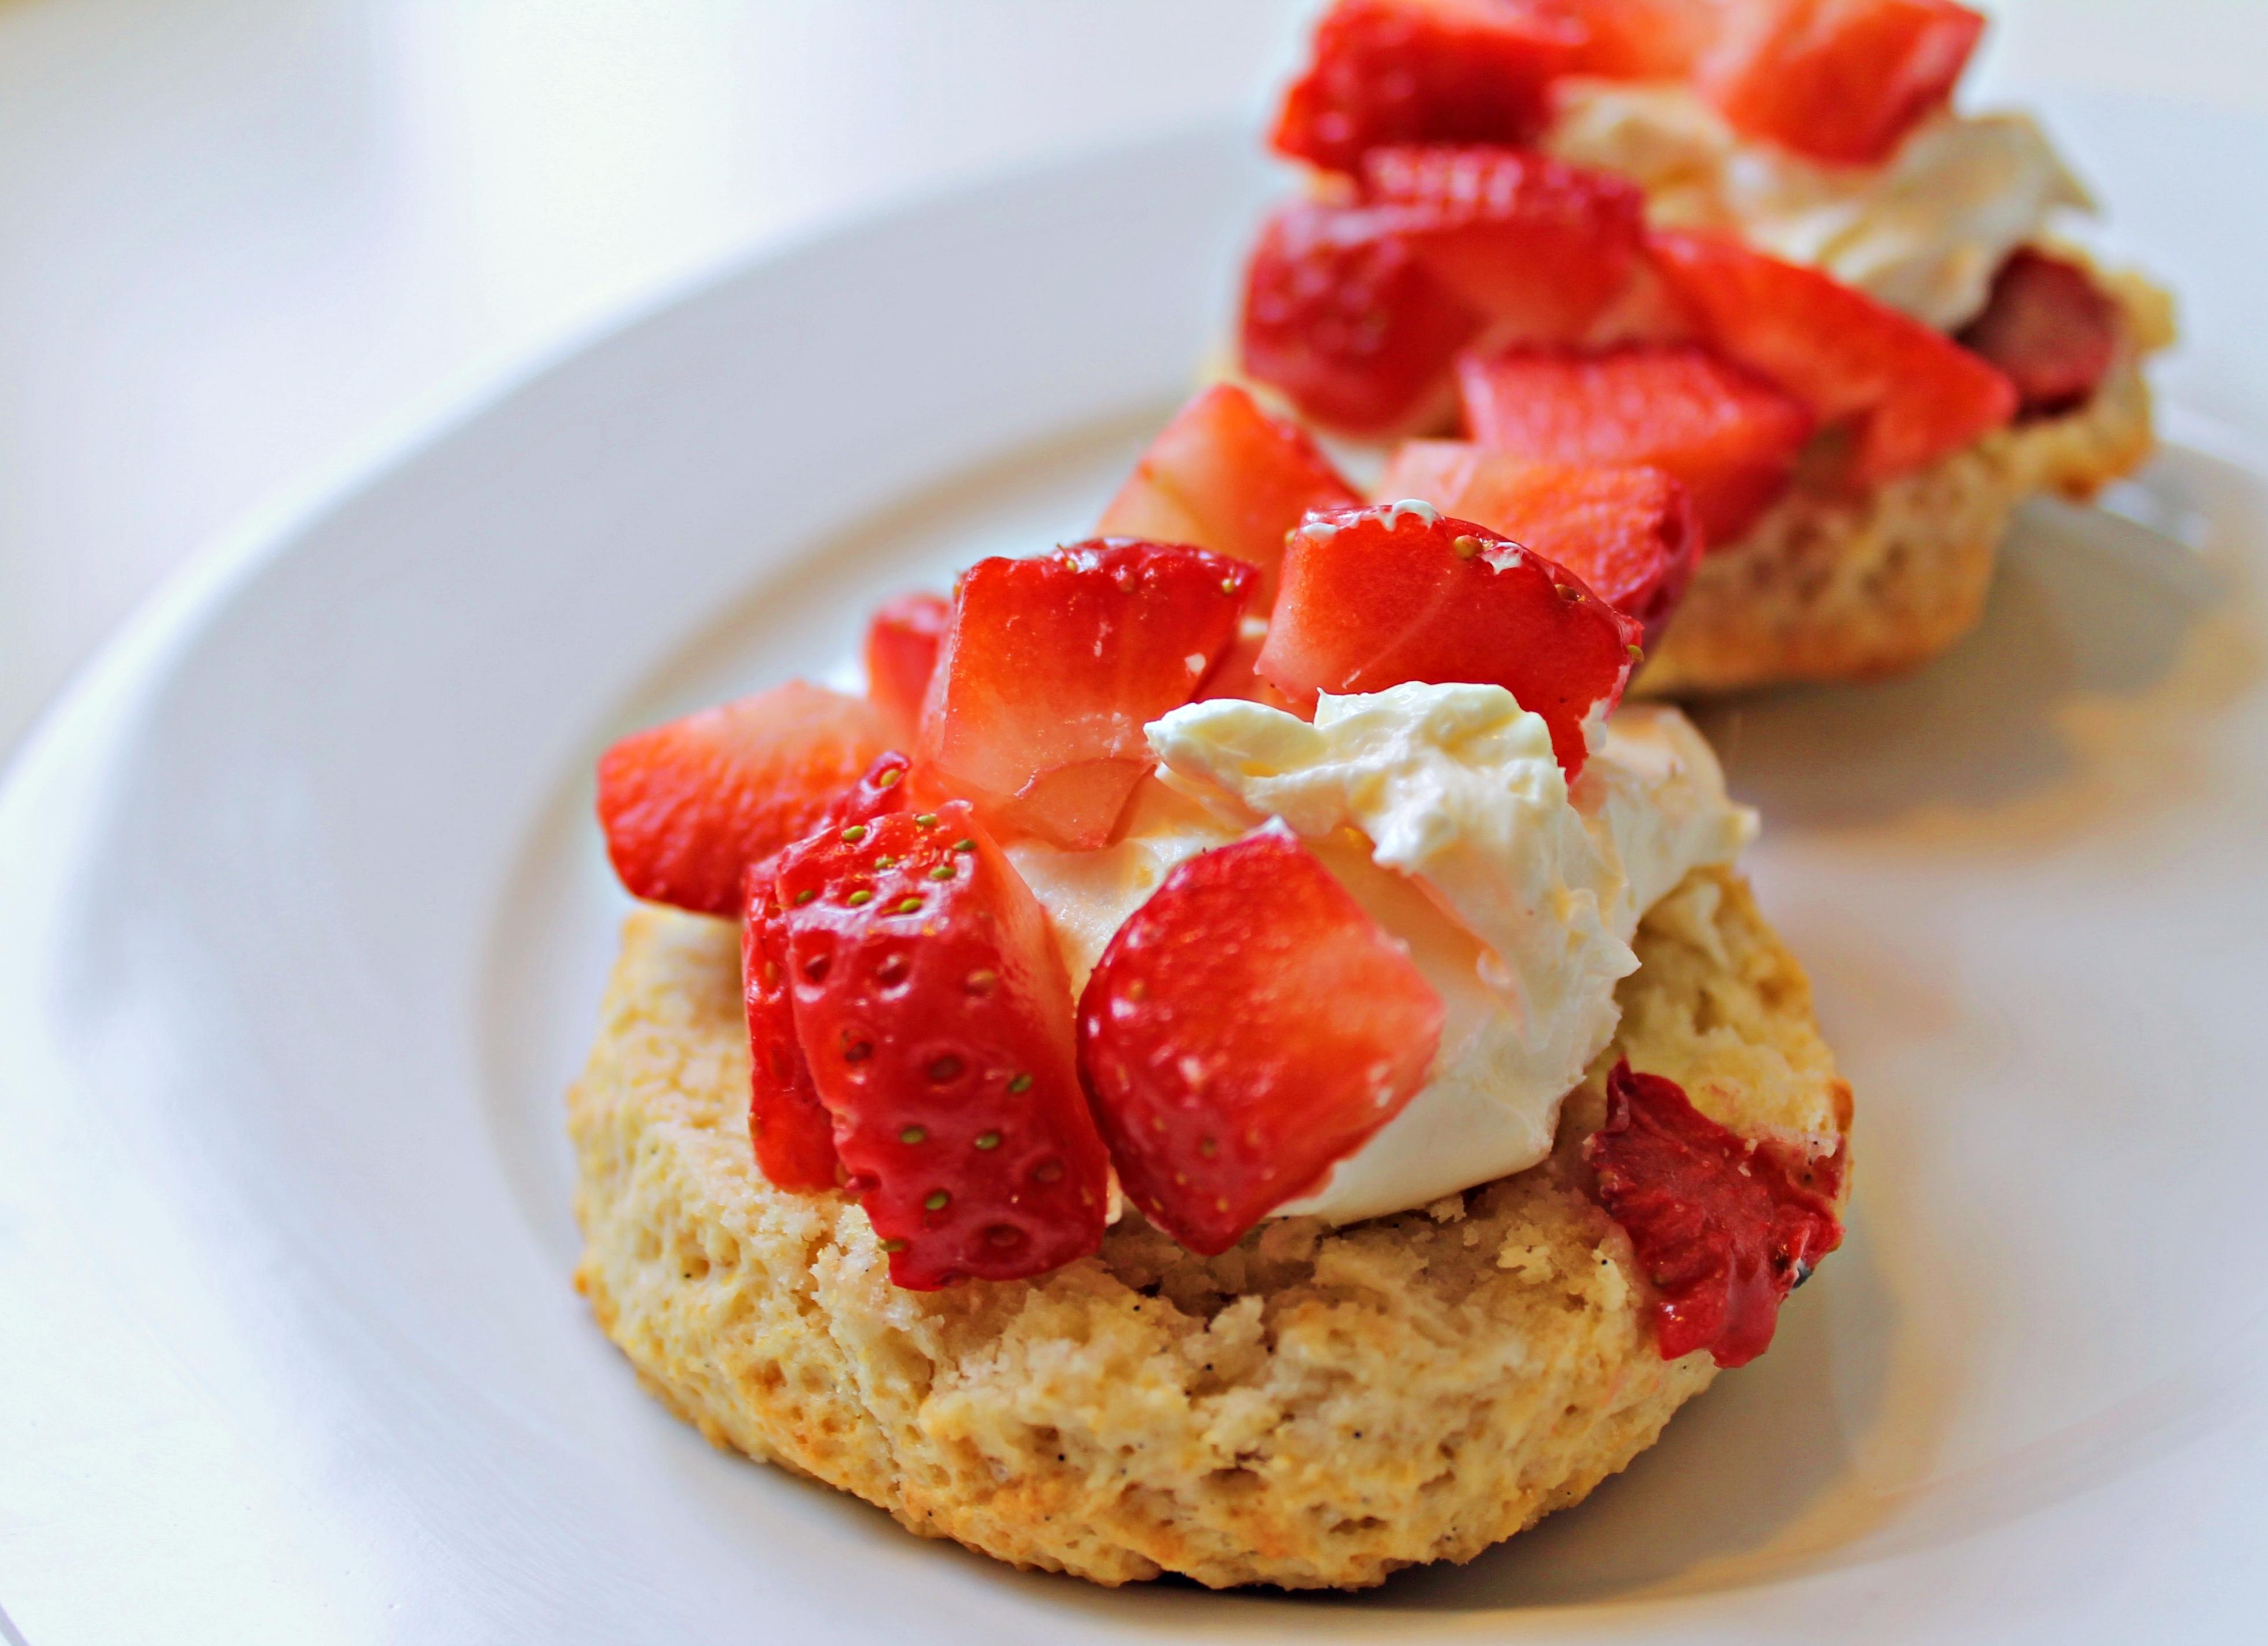 Jordbærscones med mascapone